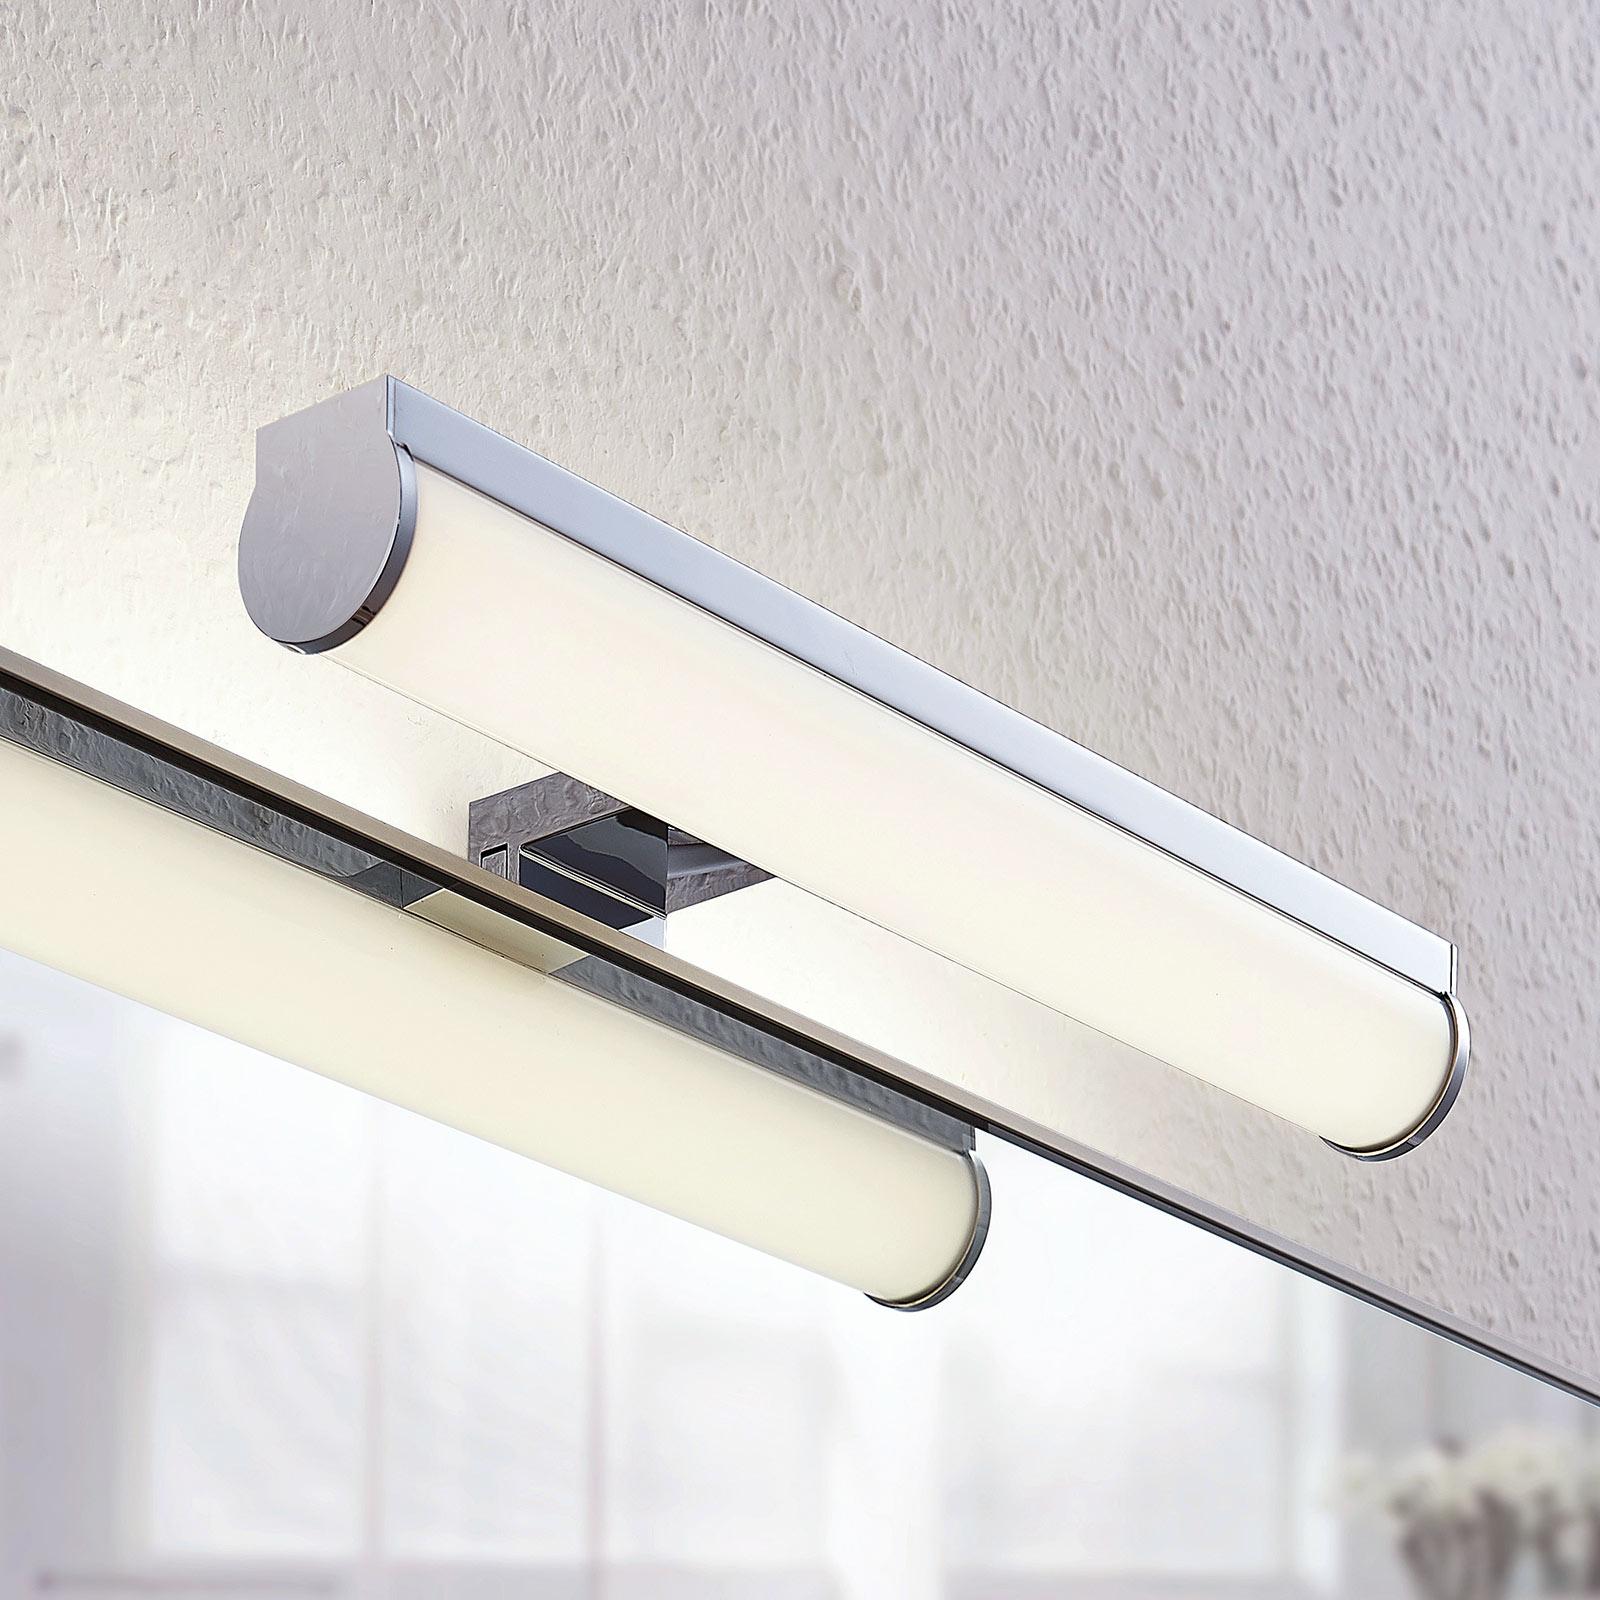 LED-Bad-Spiegelleuchte Irmena, 30 cm